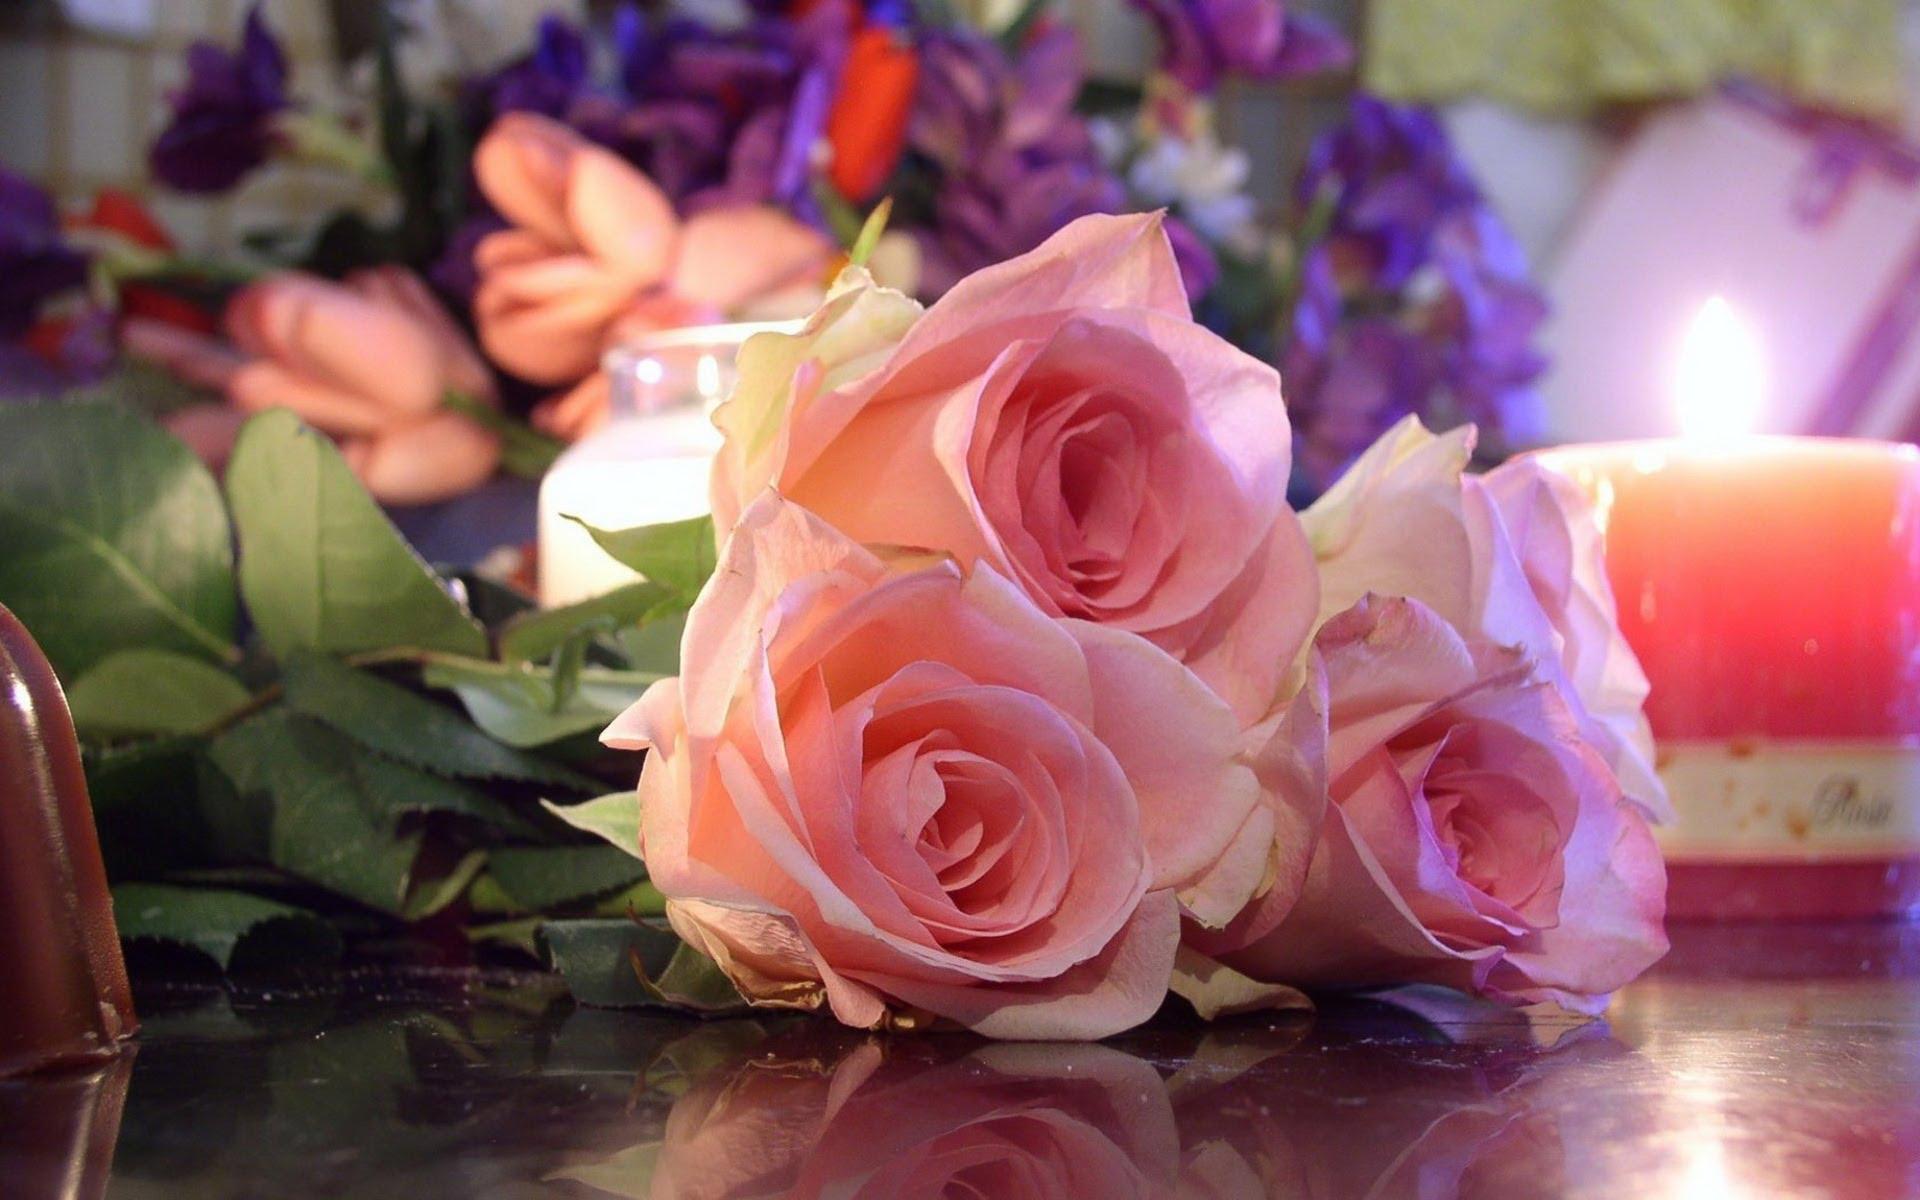 بالصور صور اجمل الورود , ورود برونق خاص 1020 7